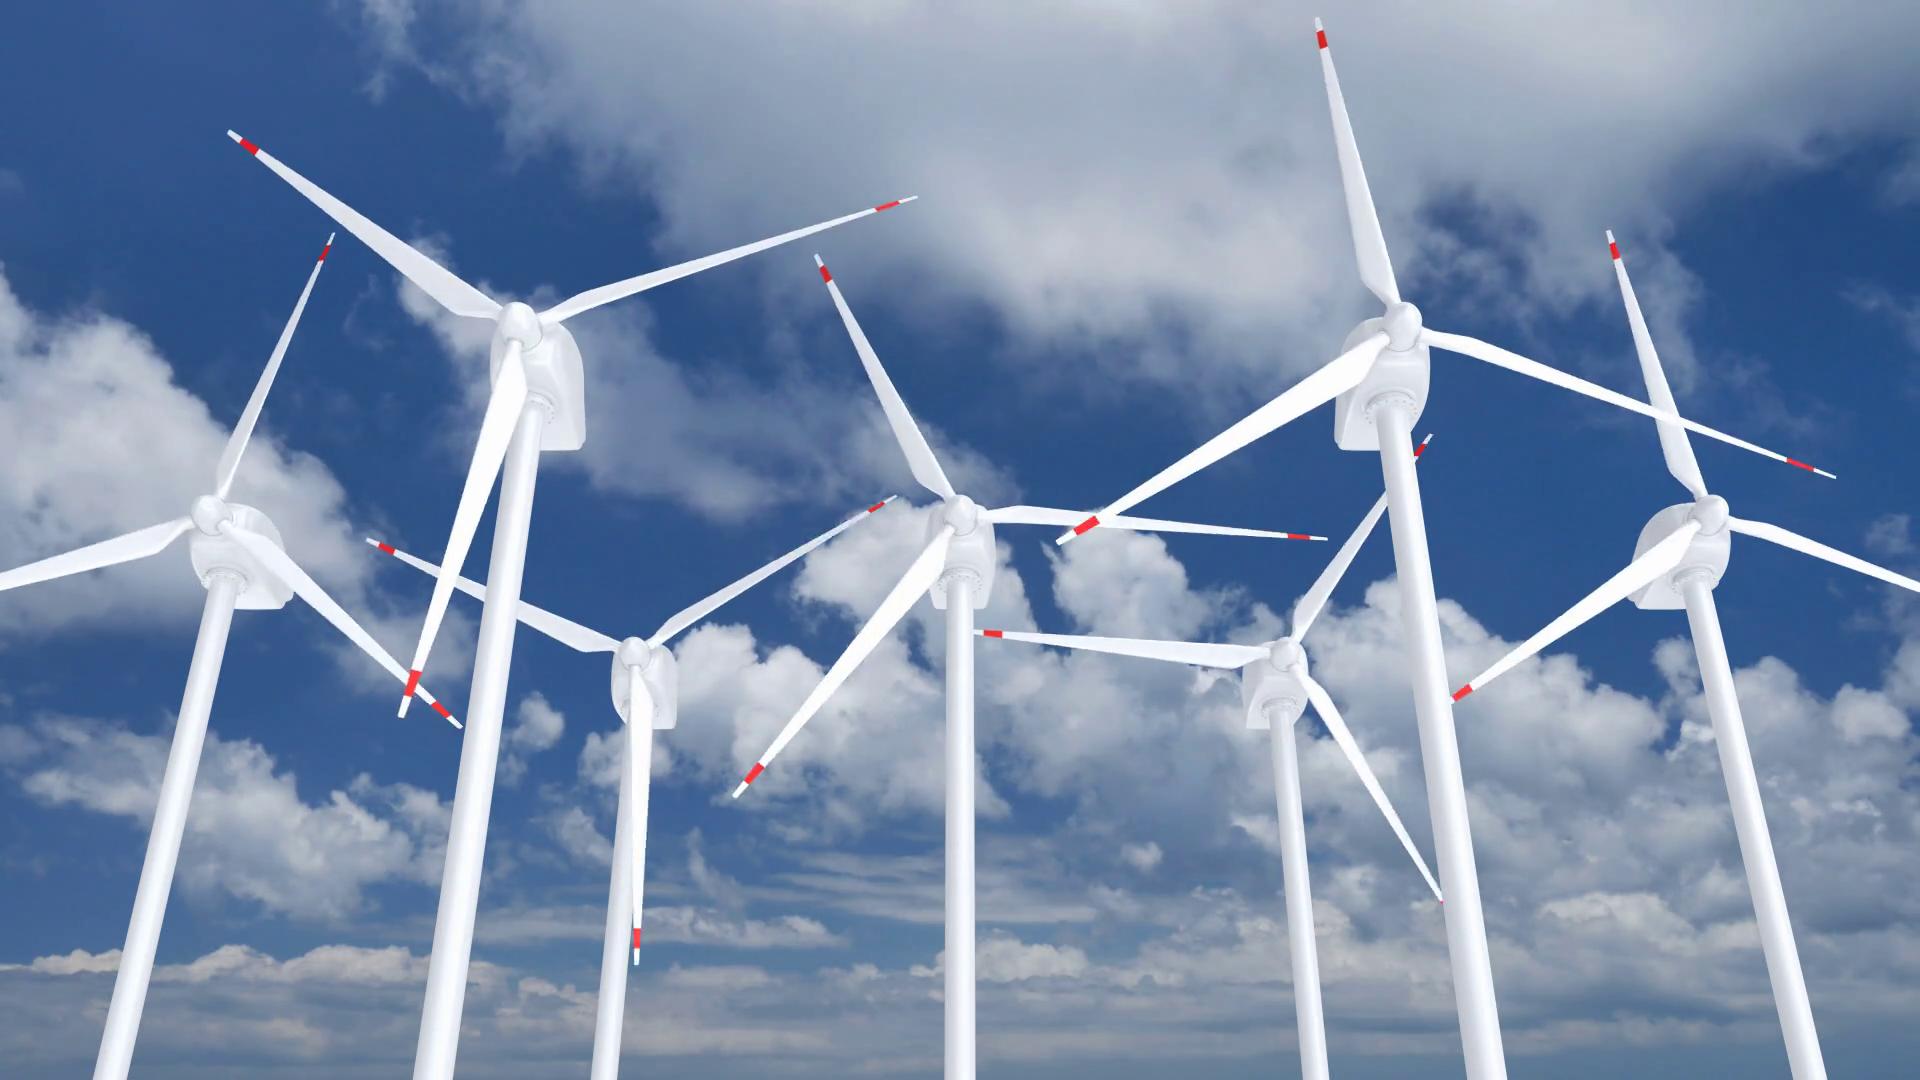 Wind turbines farm against the blue sky 3D animation with alpha ...